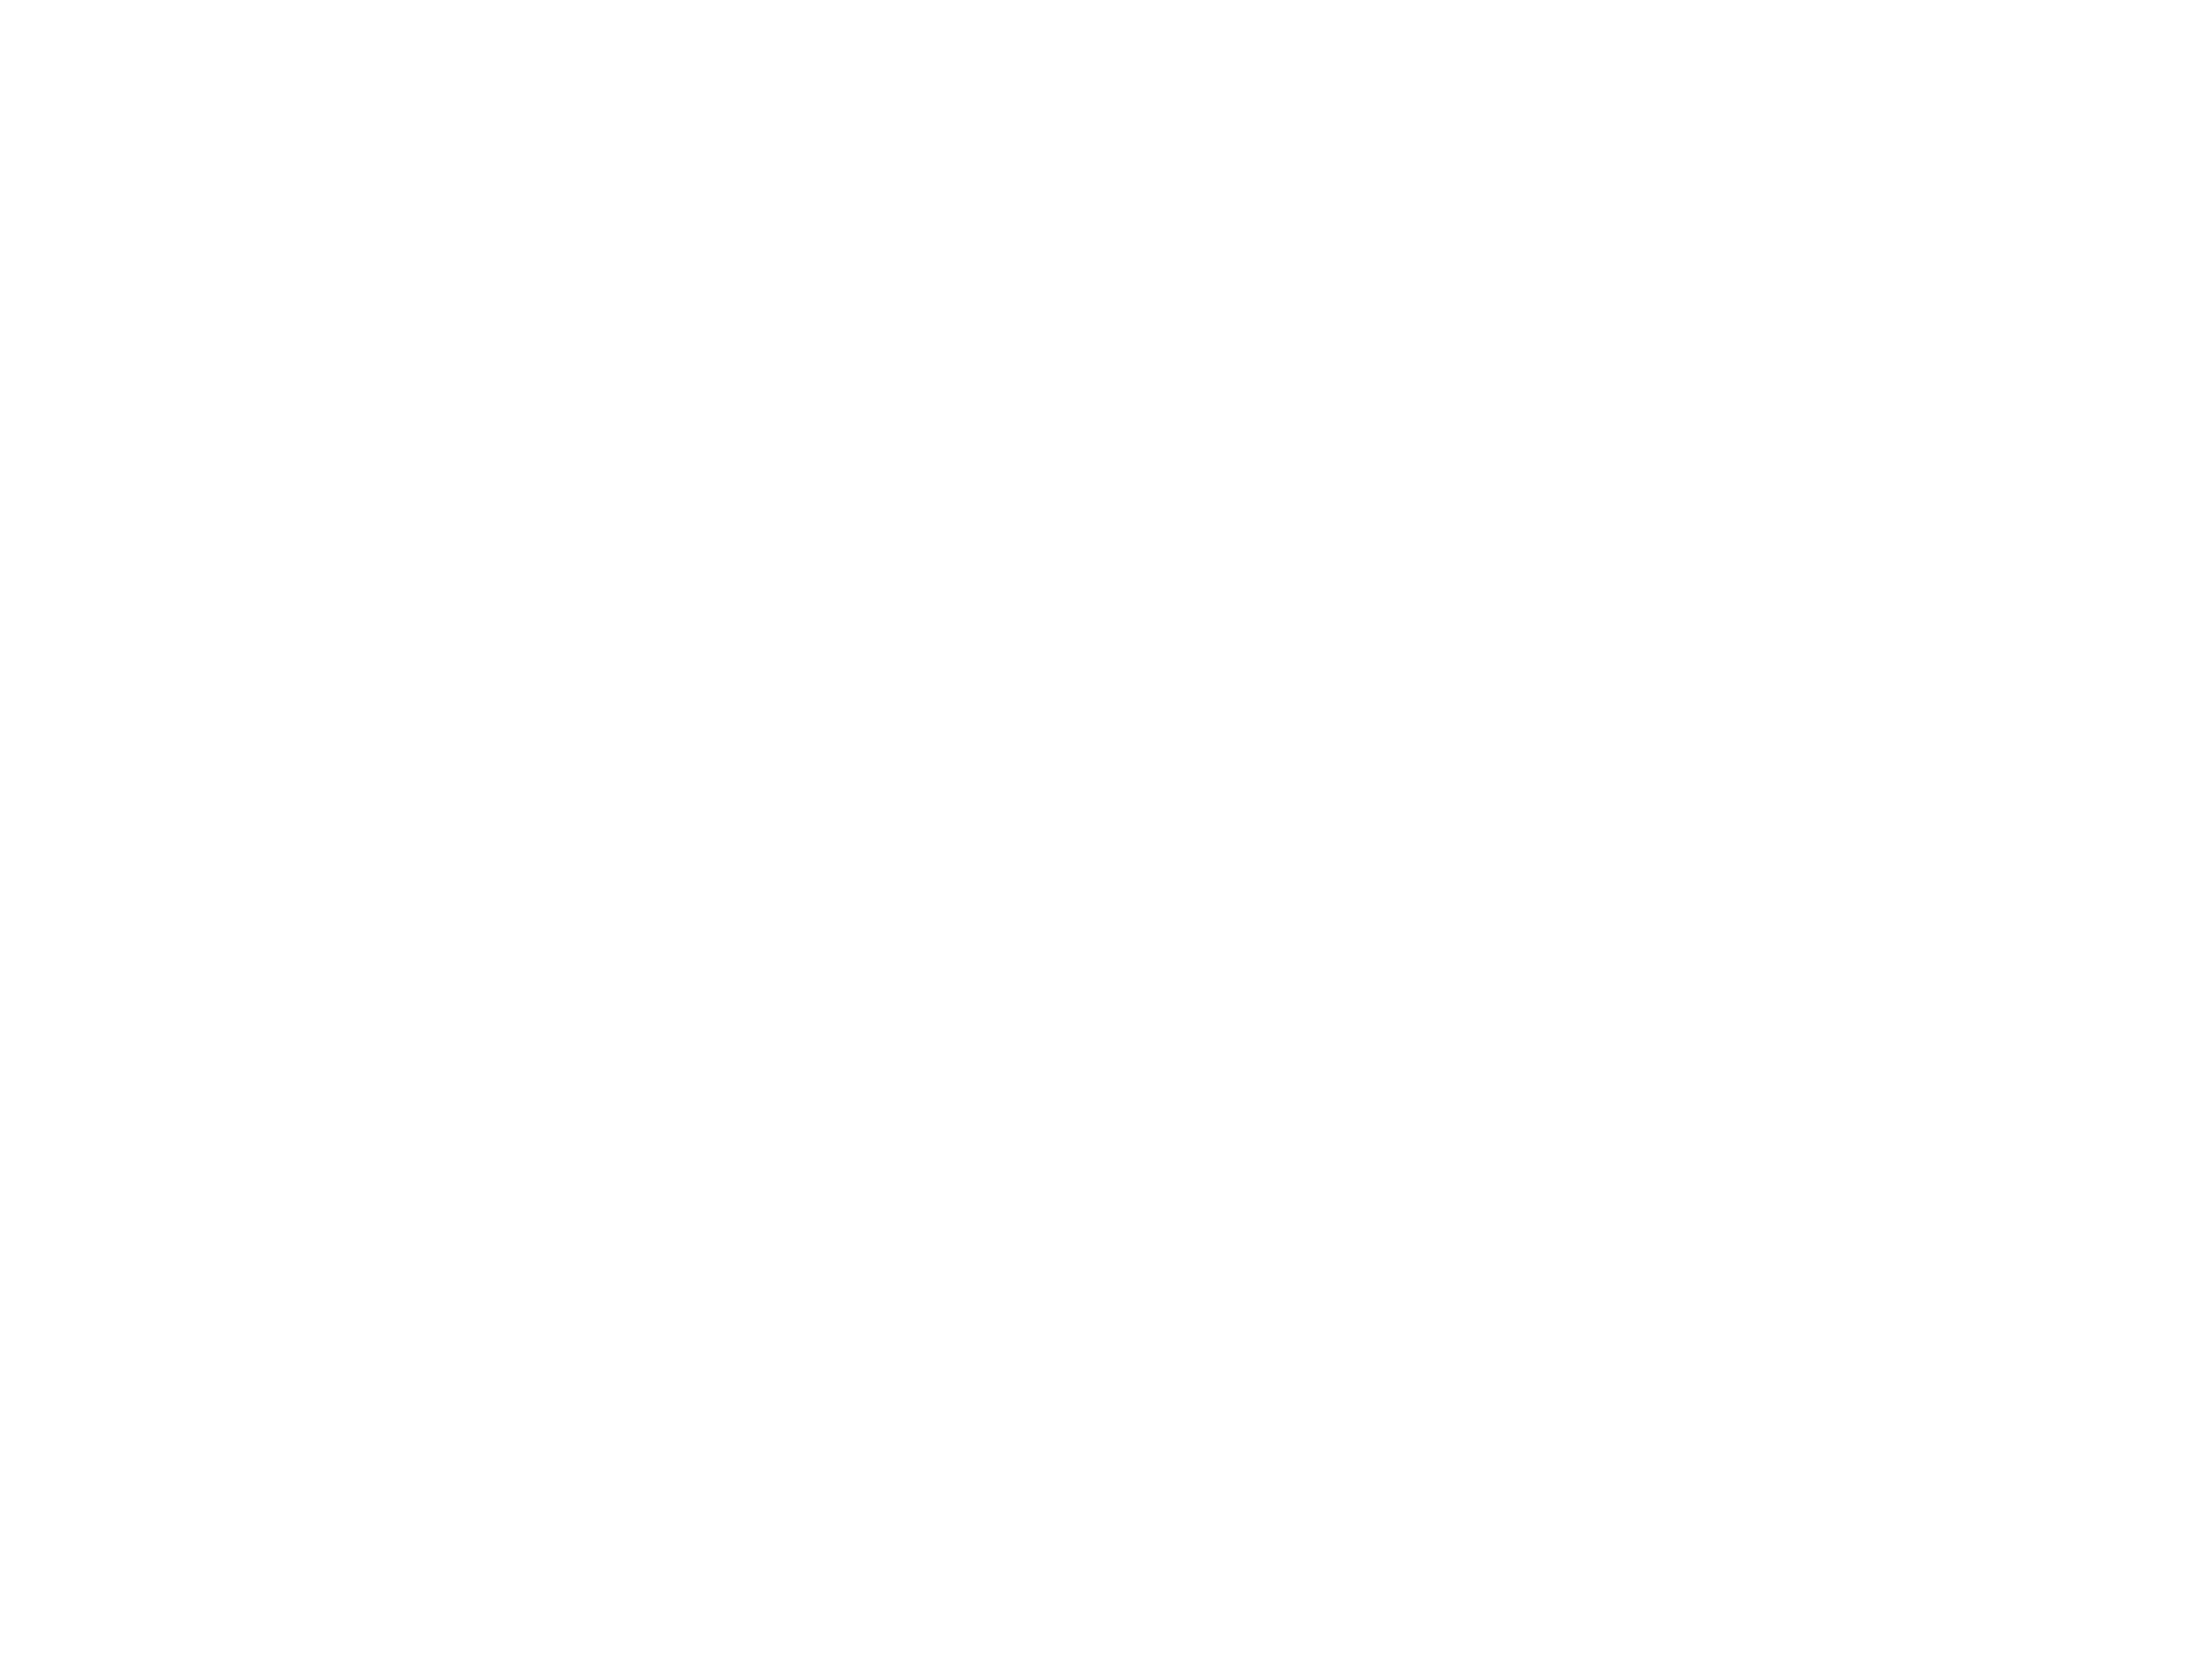 Patrick afdelingskampioen 2017